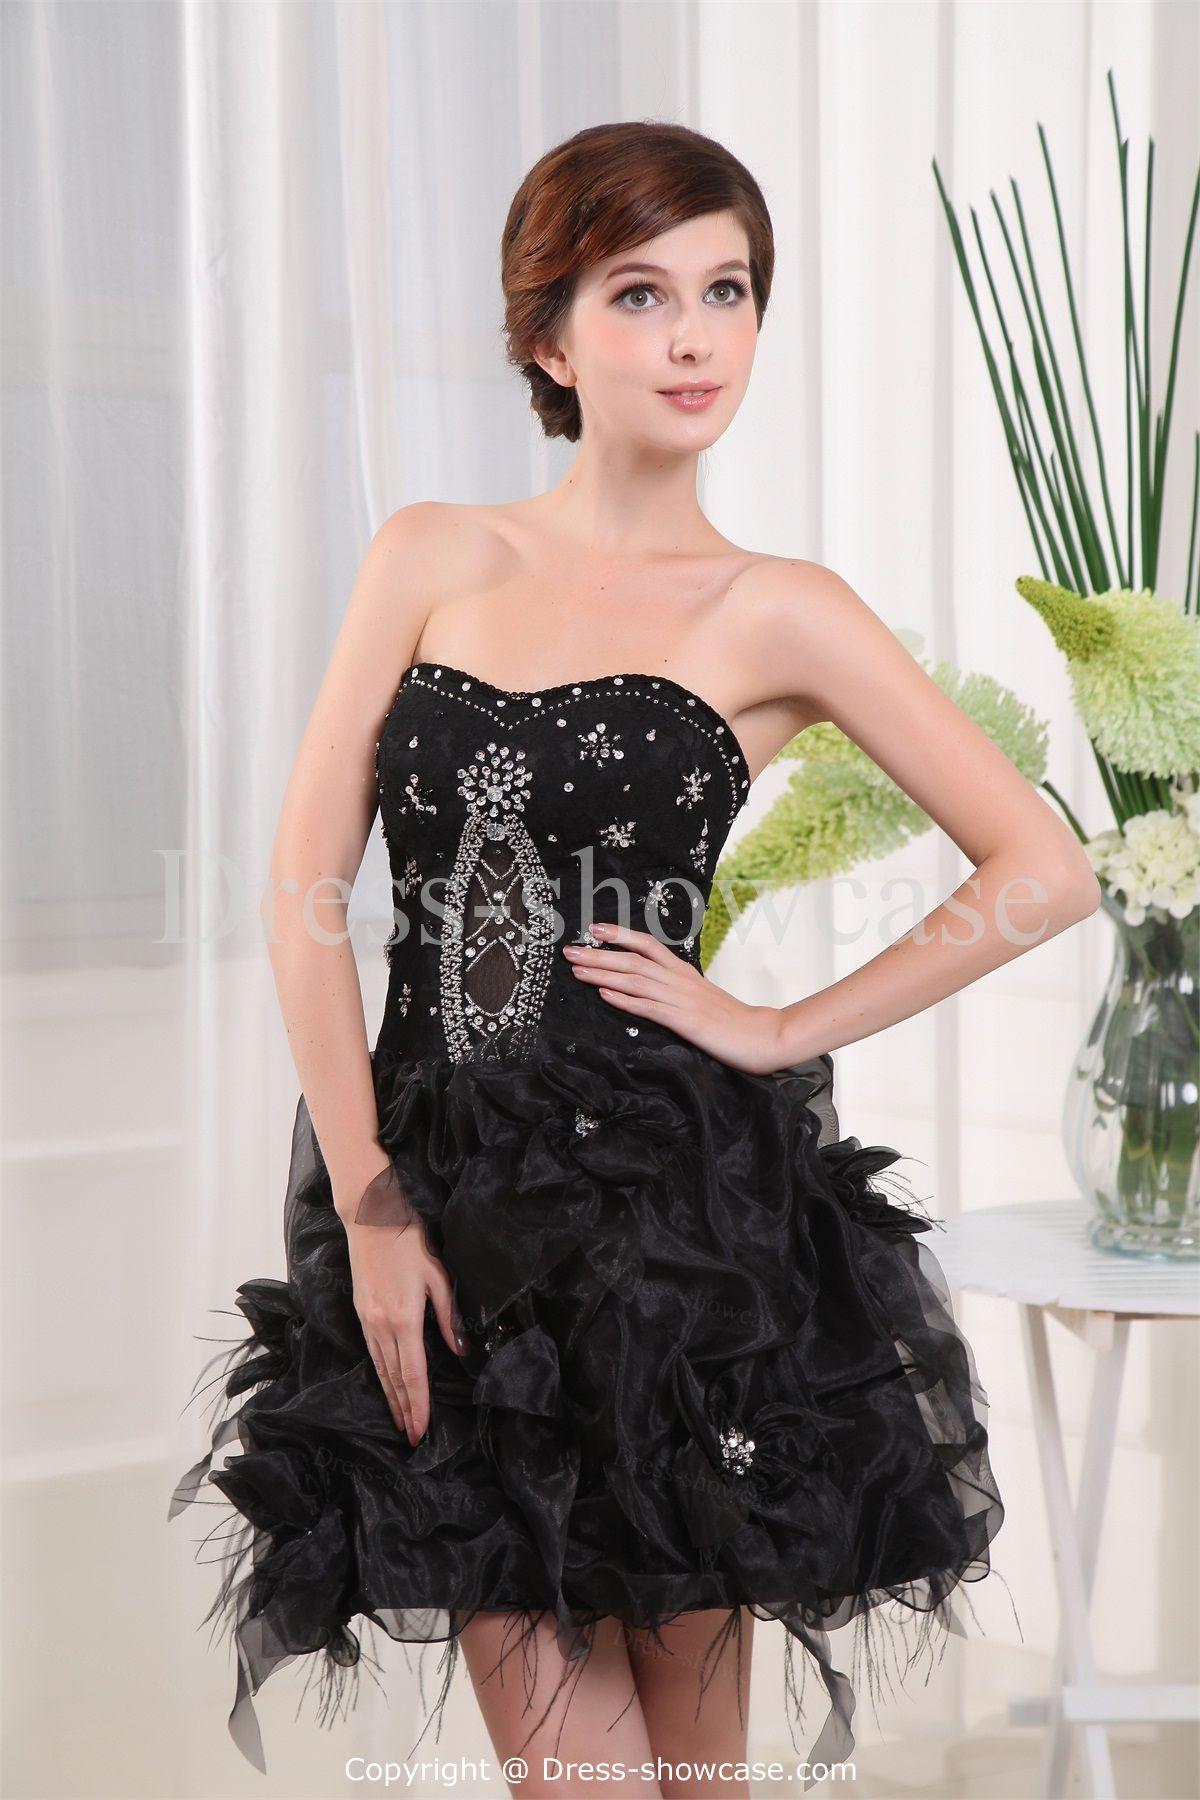 Fancy Sweet 16 Dress Short – Fashion dresses